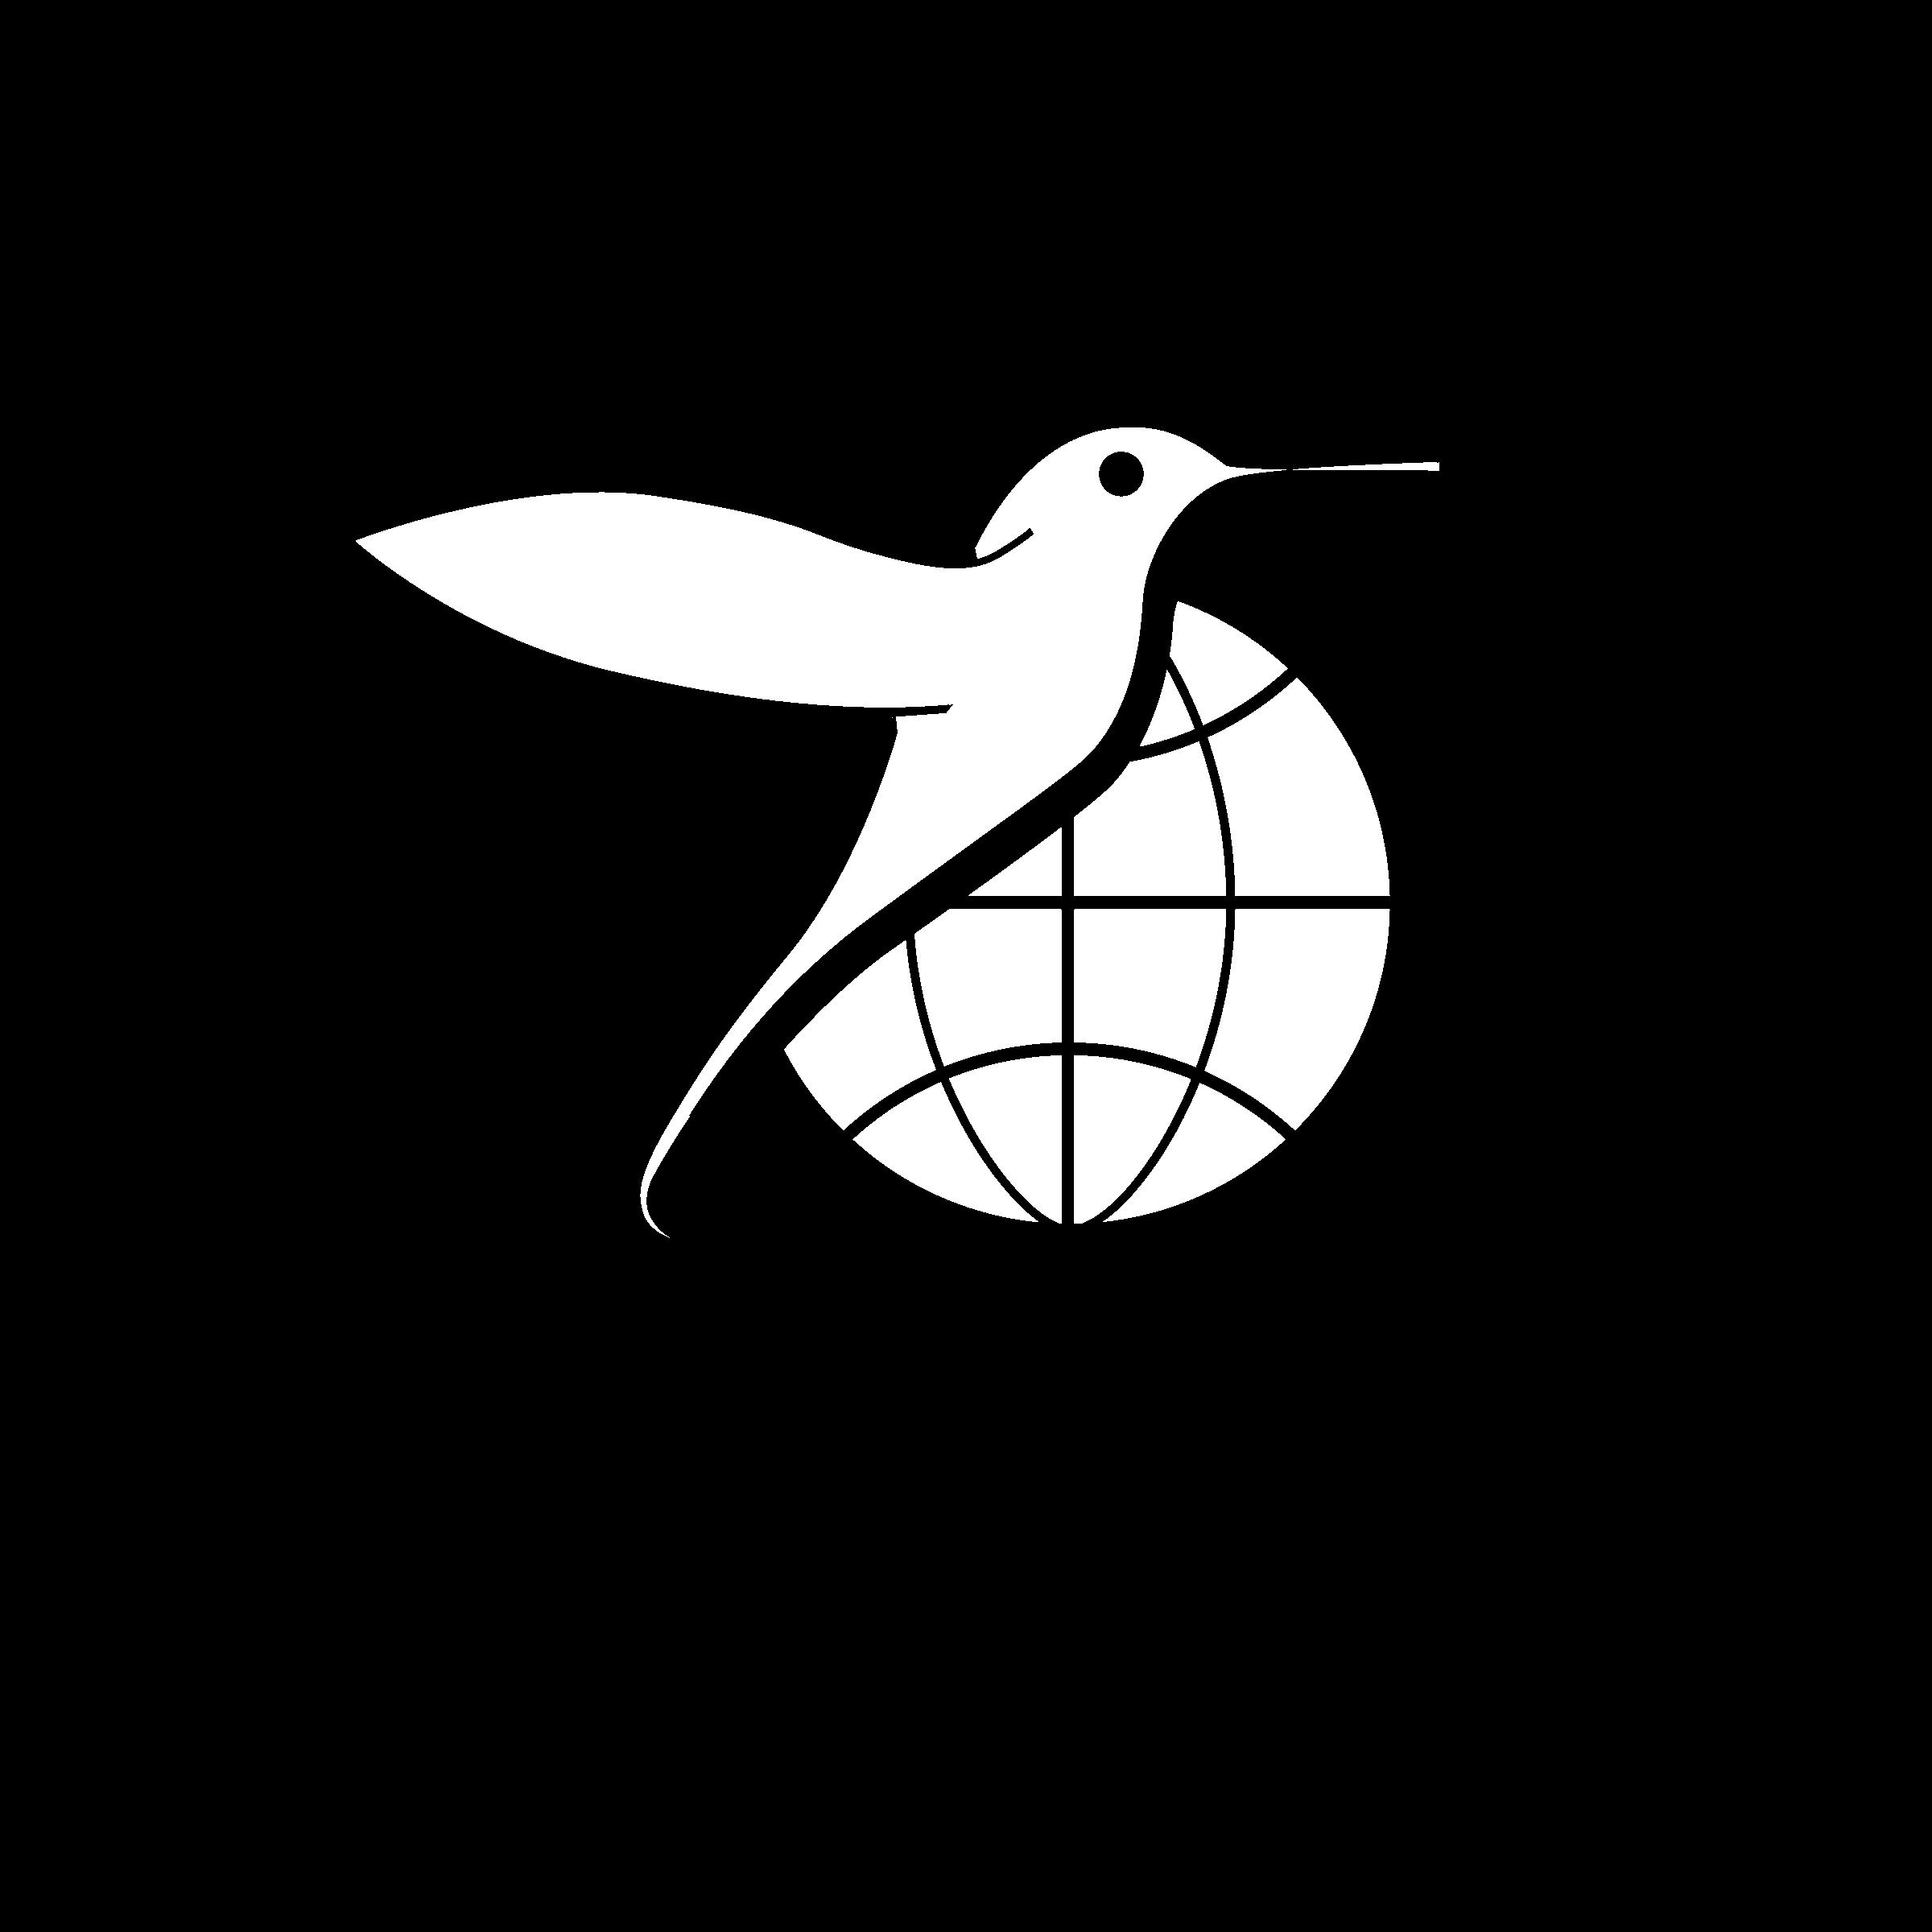 IDF Logo PNG Transparent & SVG Vector.